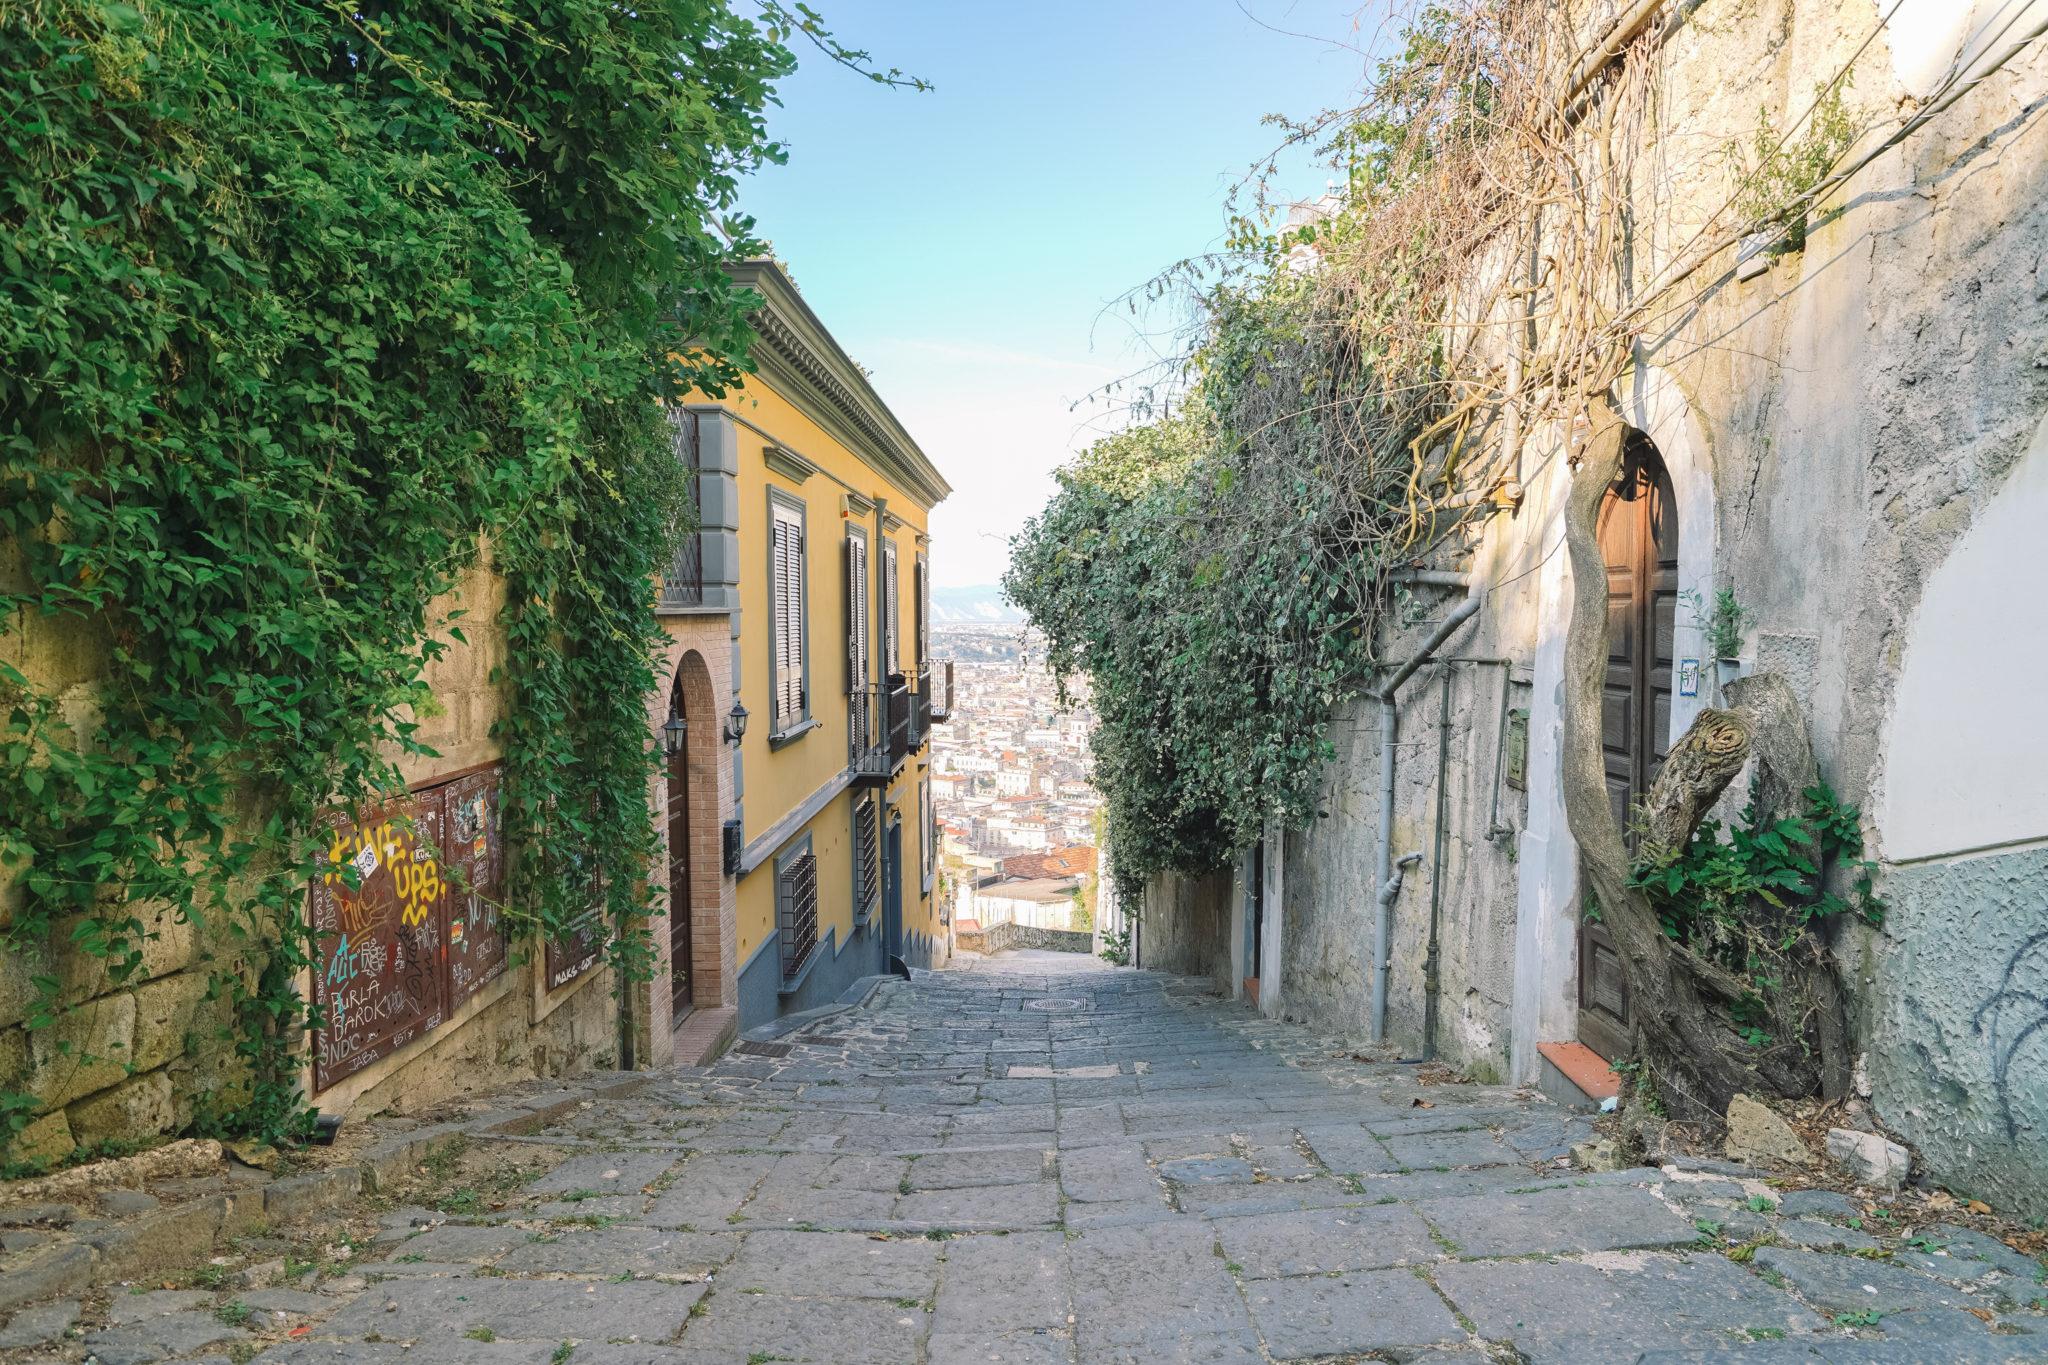 naples-visiter-city-guide-castel-sant-elmo-marches